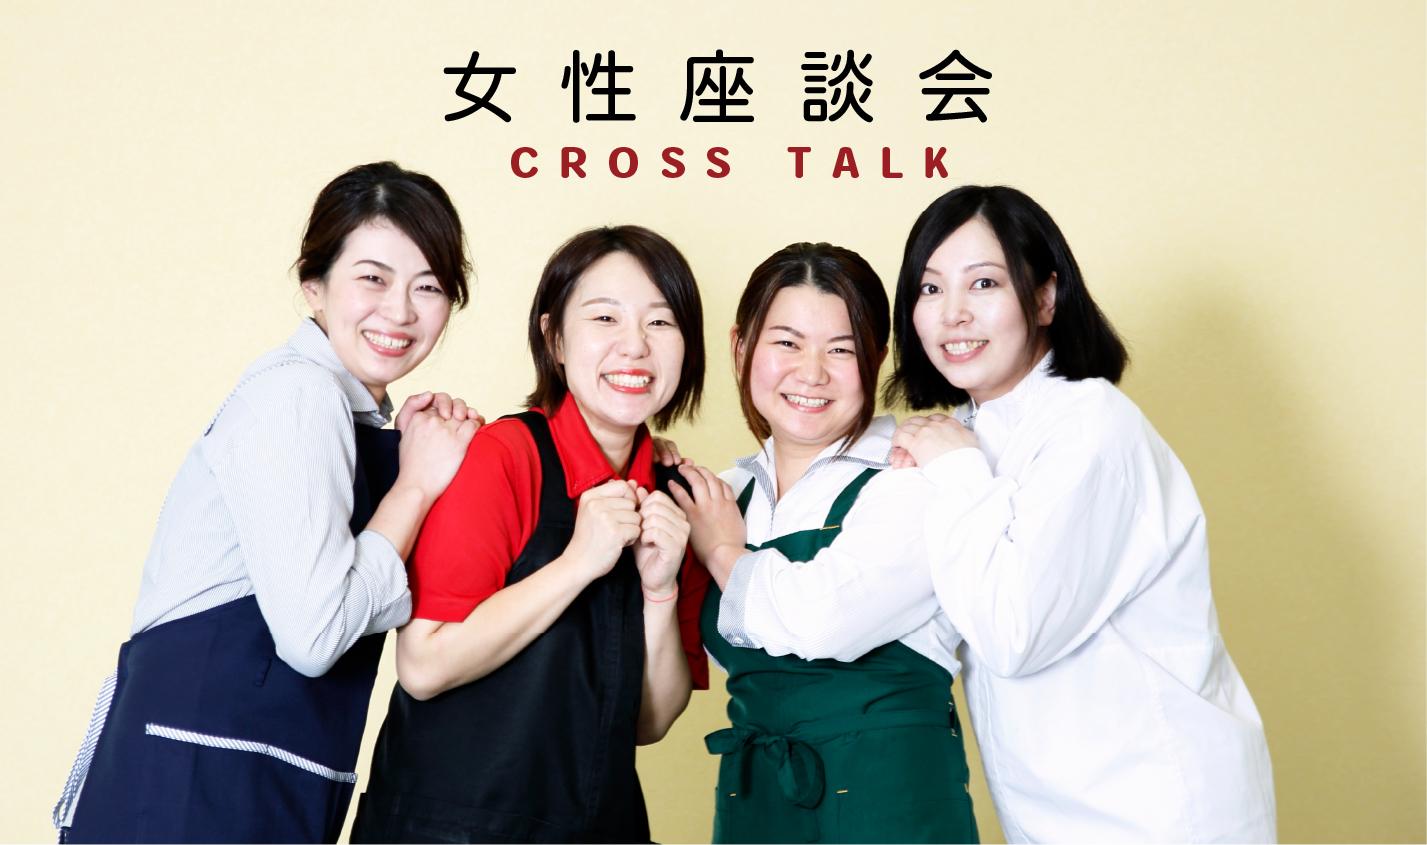 クック・チャム四国女性座談会